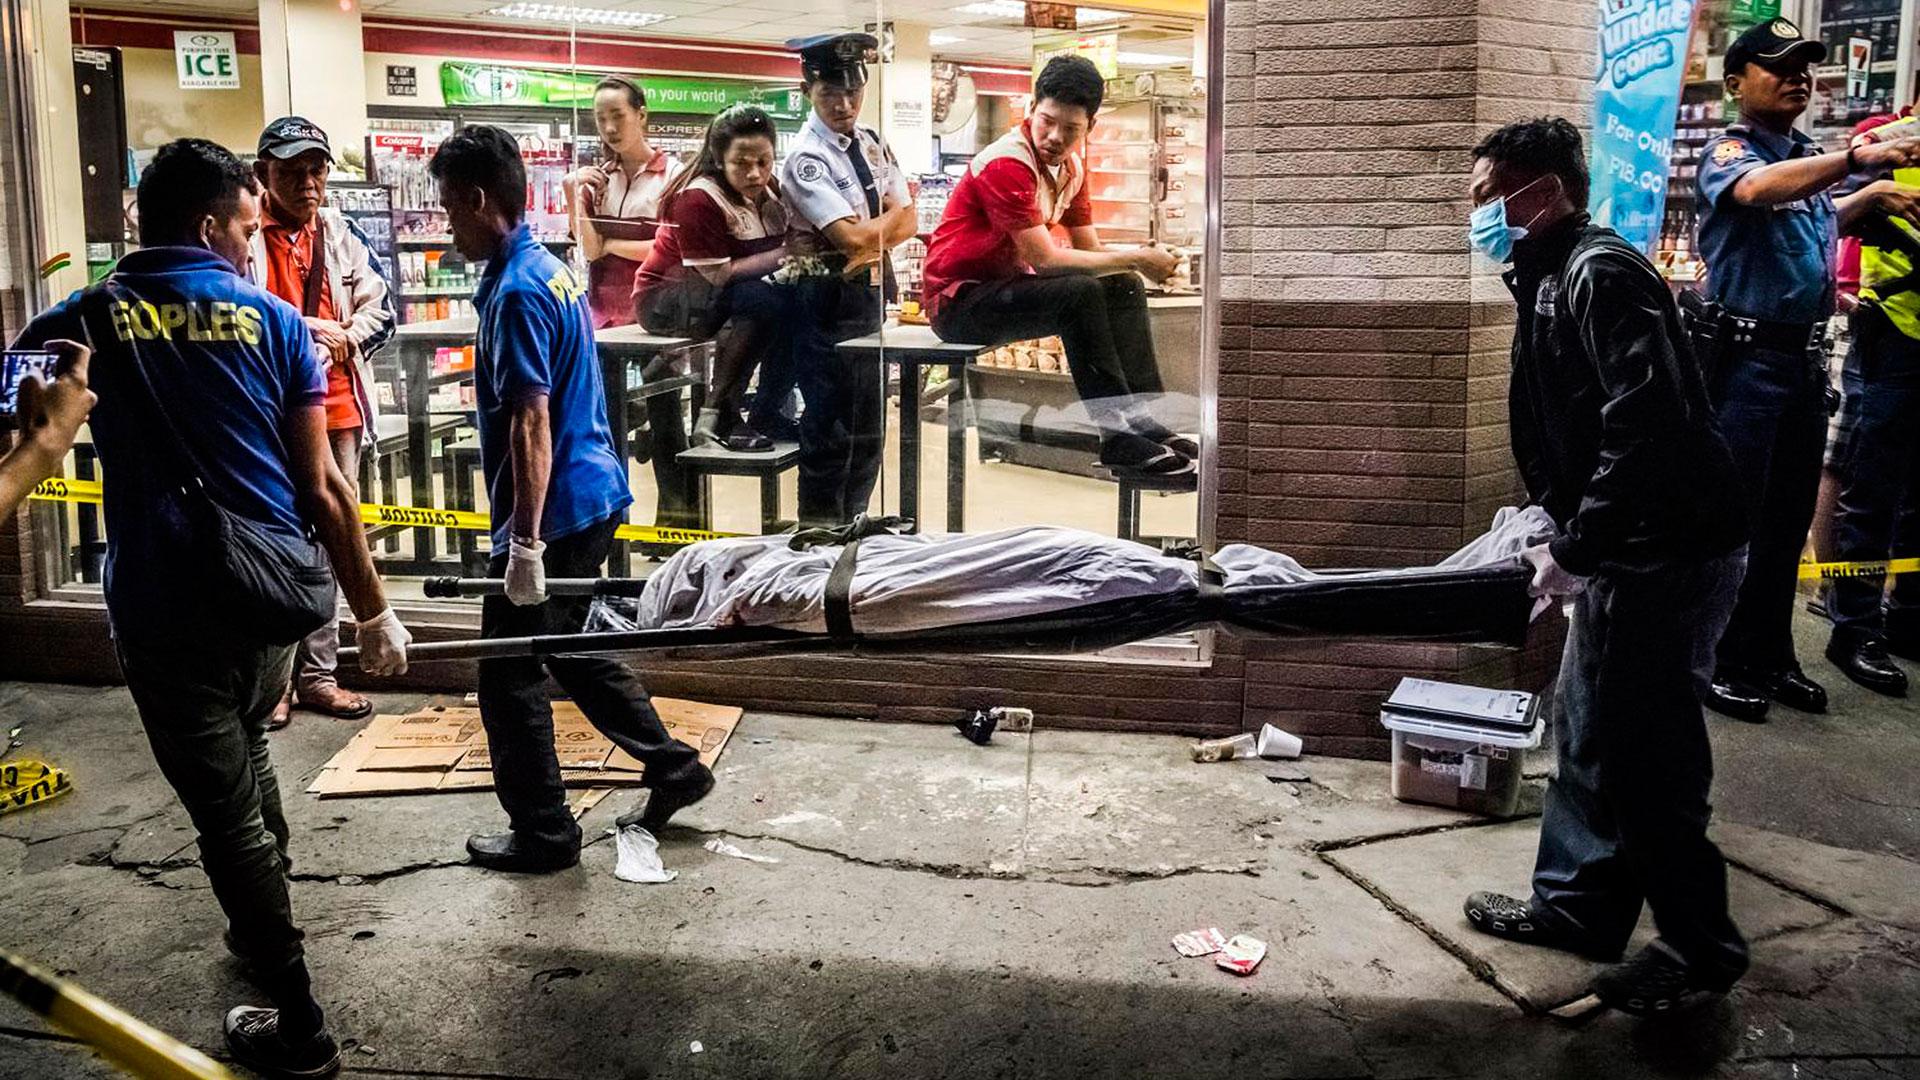 Las calles de Manila están colmadas de violencia y cadáveres. El reportero gráfico Daniel Berehulak lo retrató (AP)